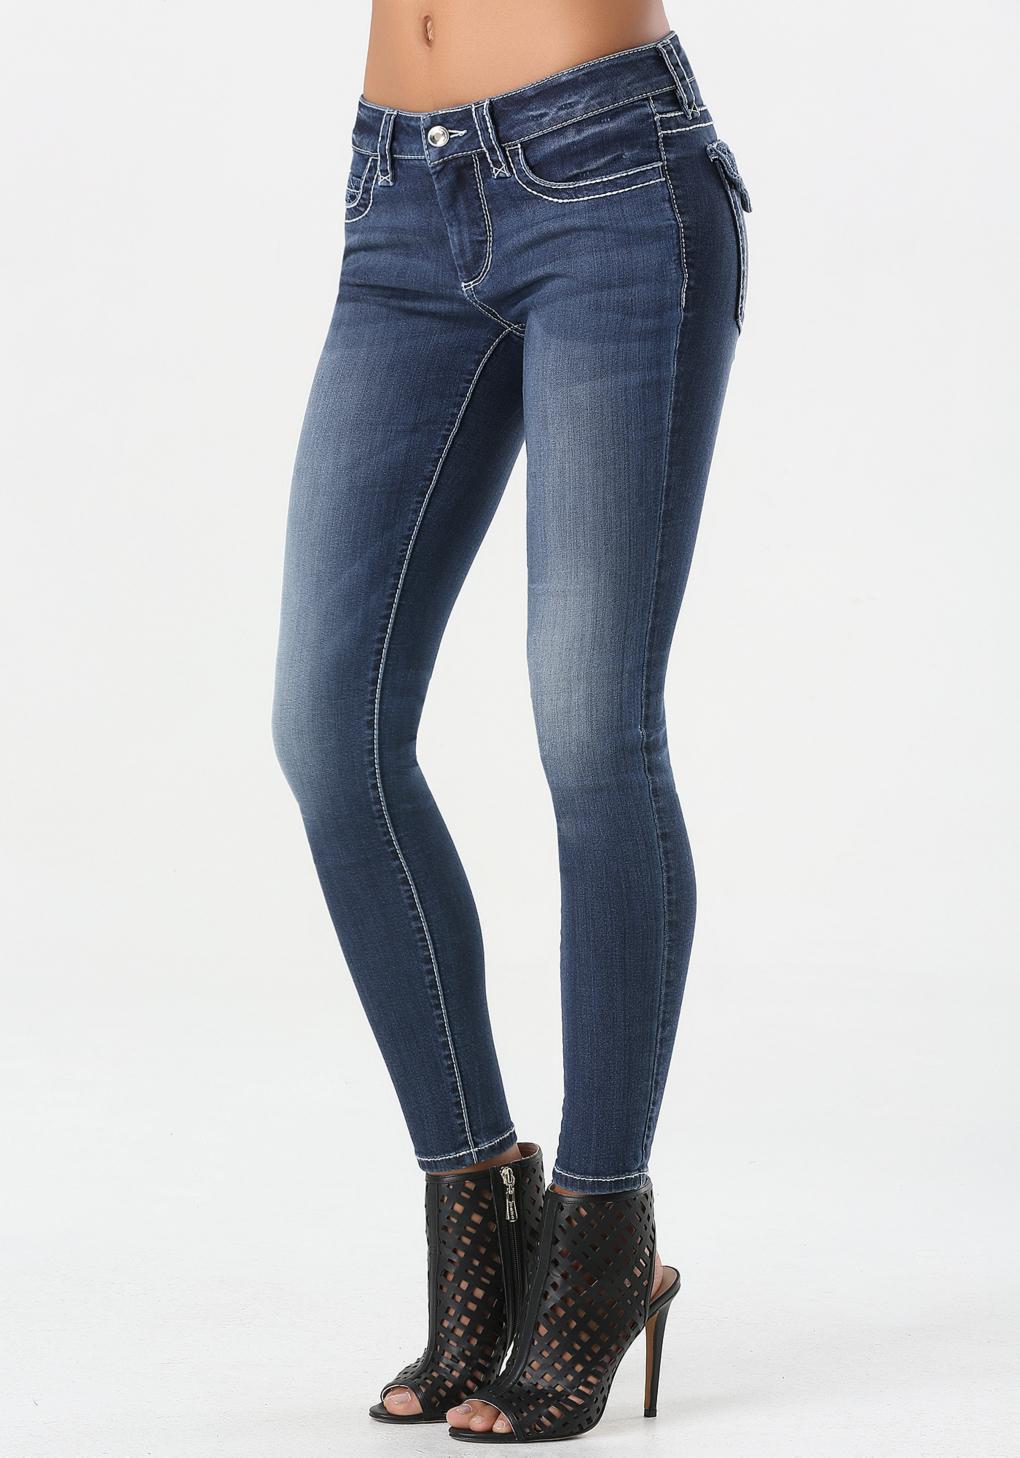 Blue Jean Jackets